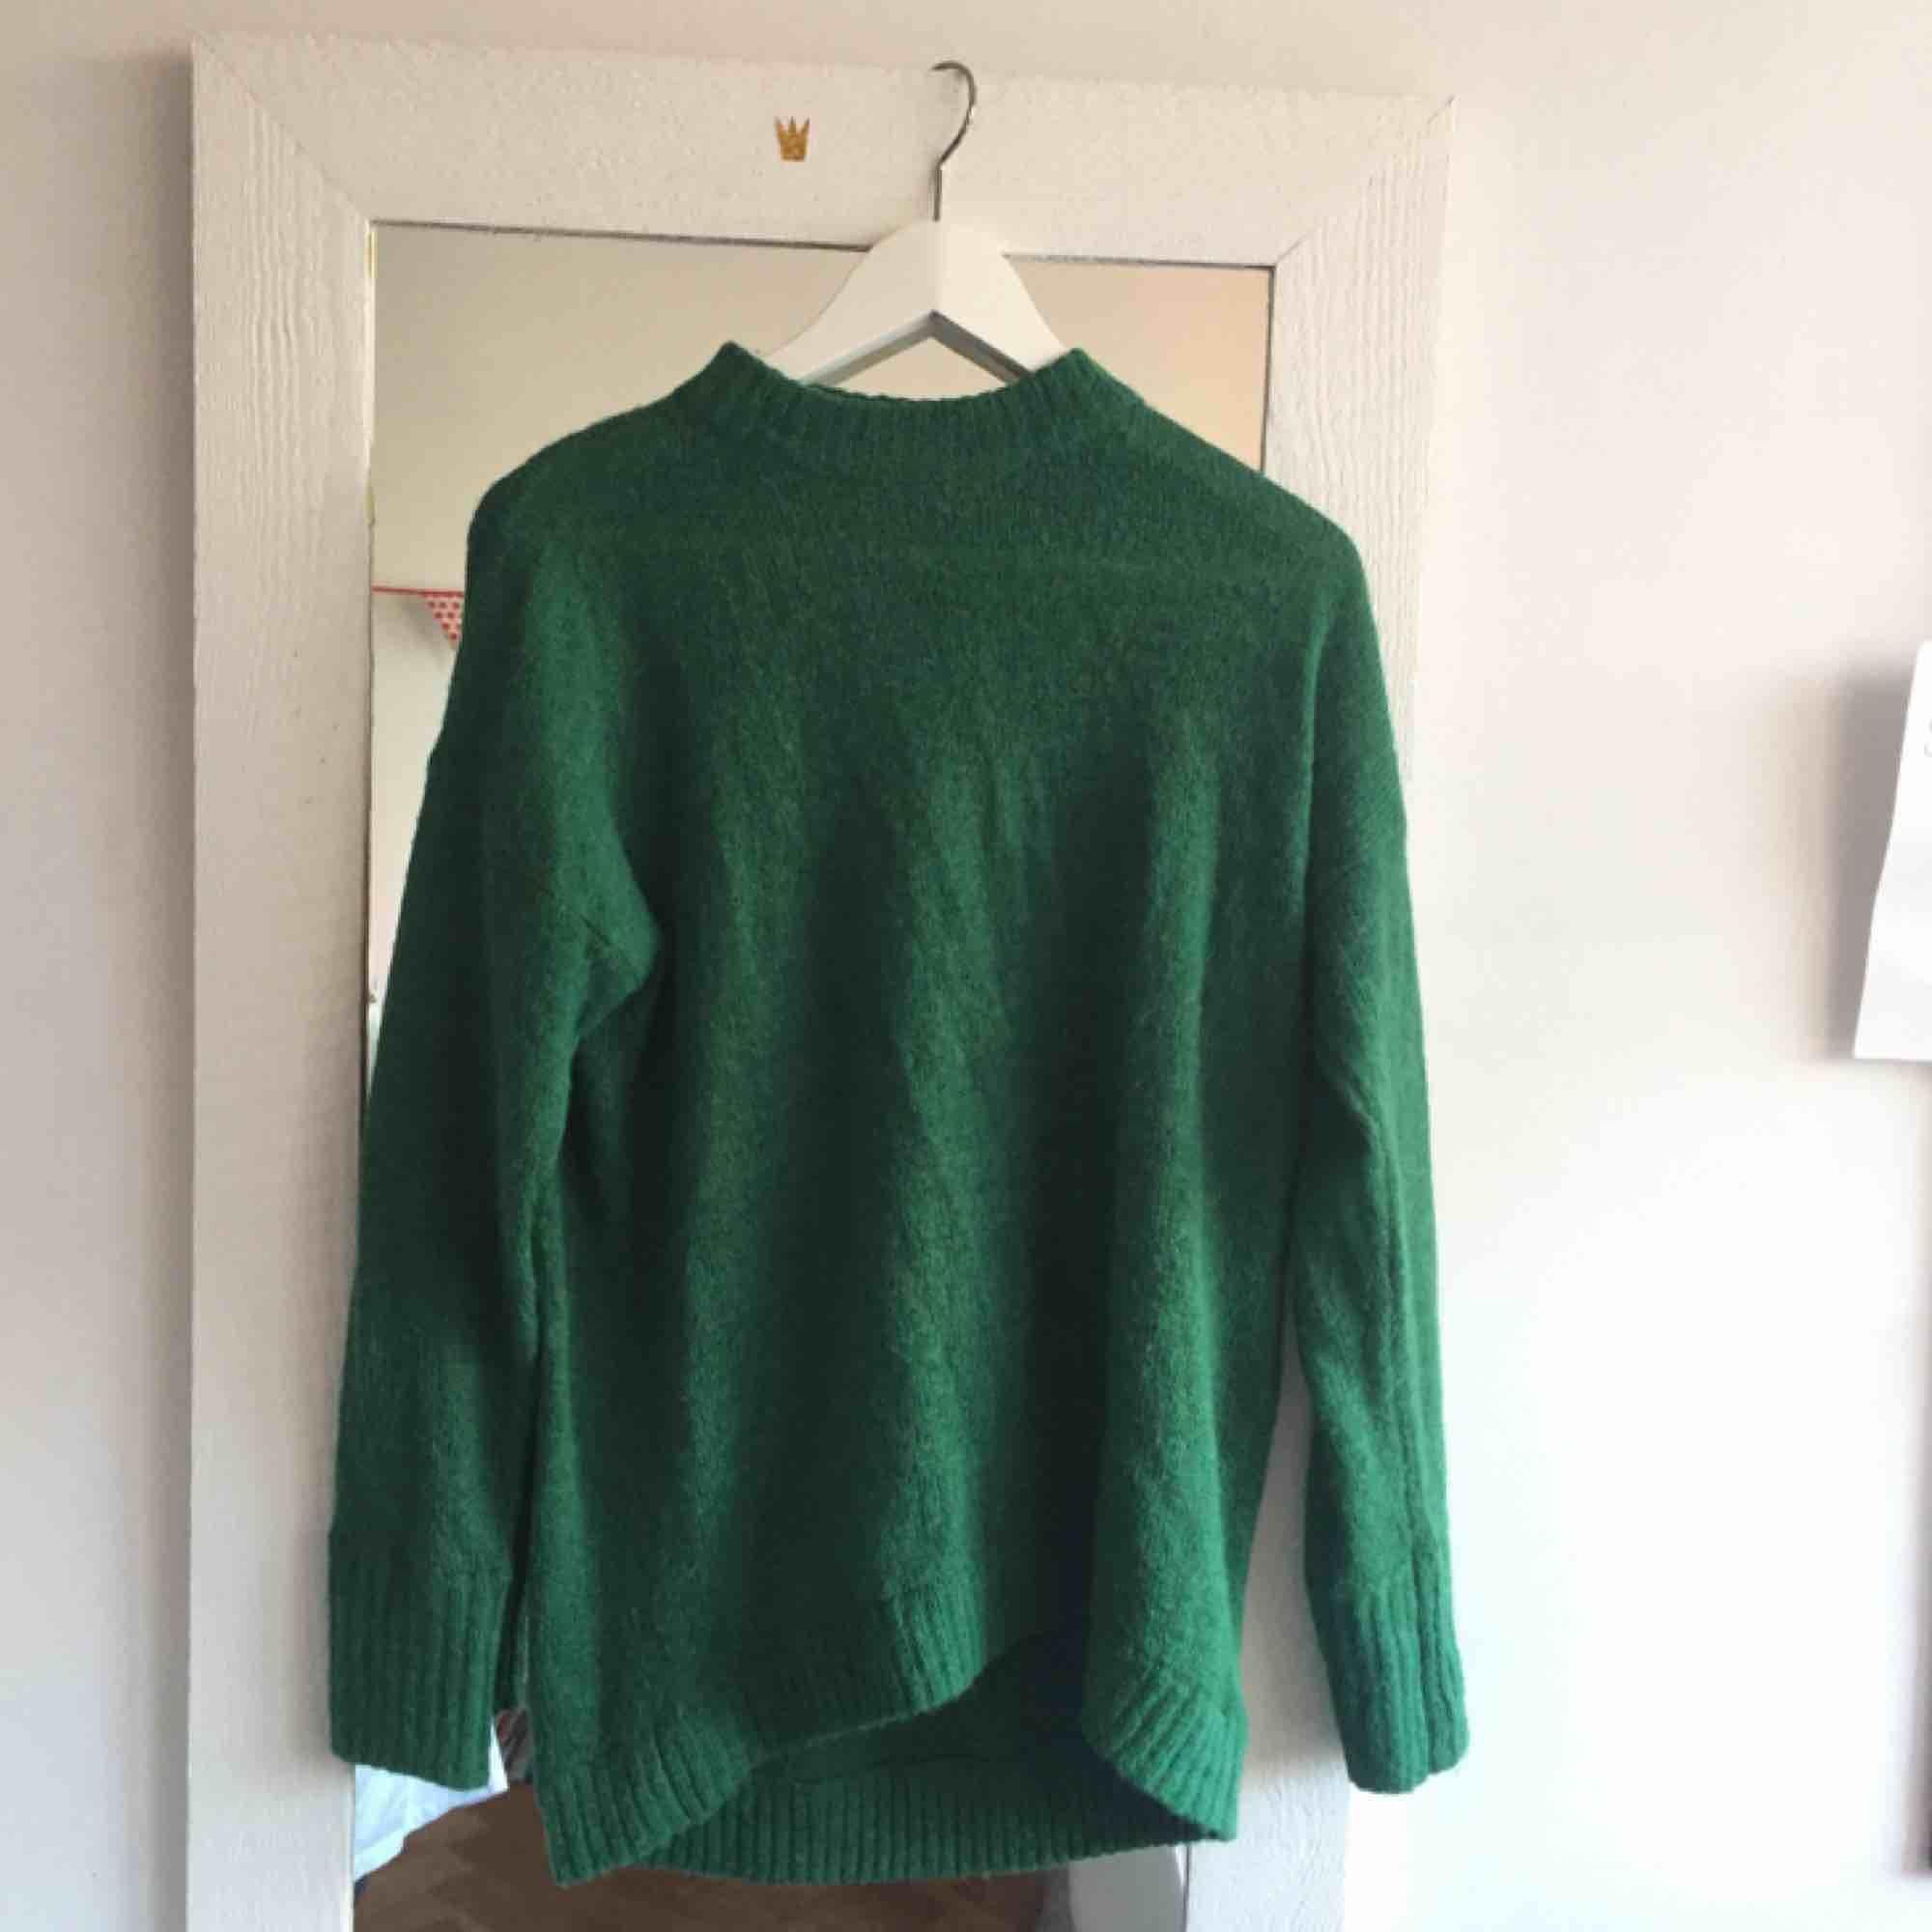 superfin grön stickad tröja från monki! Den är lite längre i modellen och är väldigt mjuk. Har ett litet hål påbaksidan som inte syns så mkt men kan nog lätt lagas! . Stickat.